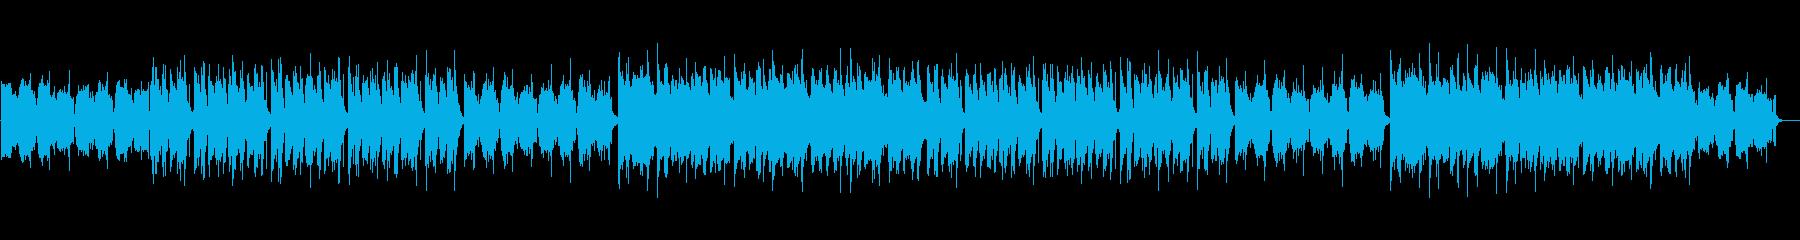 トラップR&B・ムーディー・切ない・大人の再生済みの波形